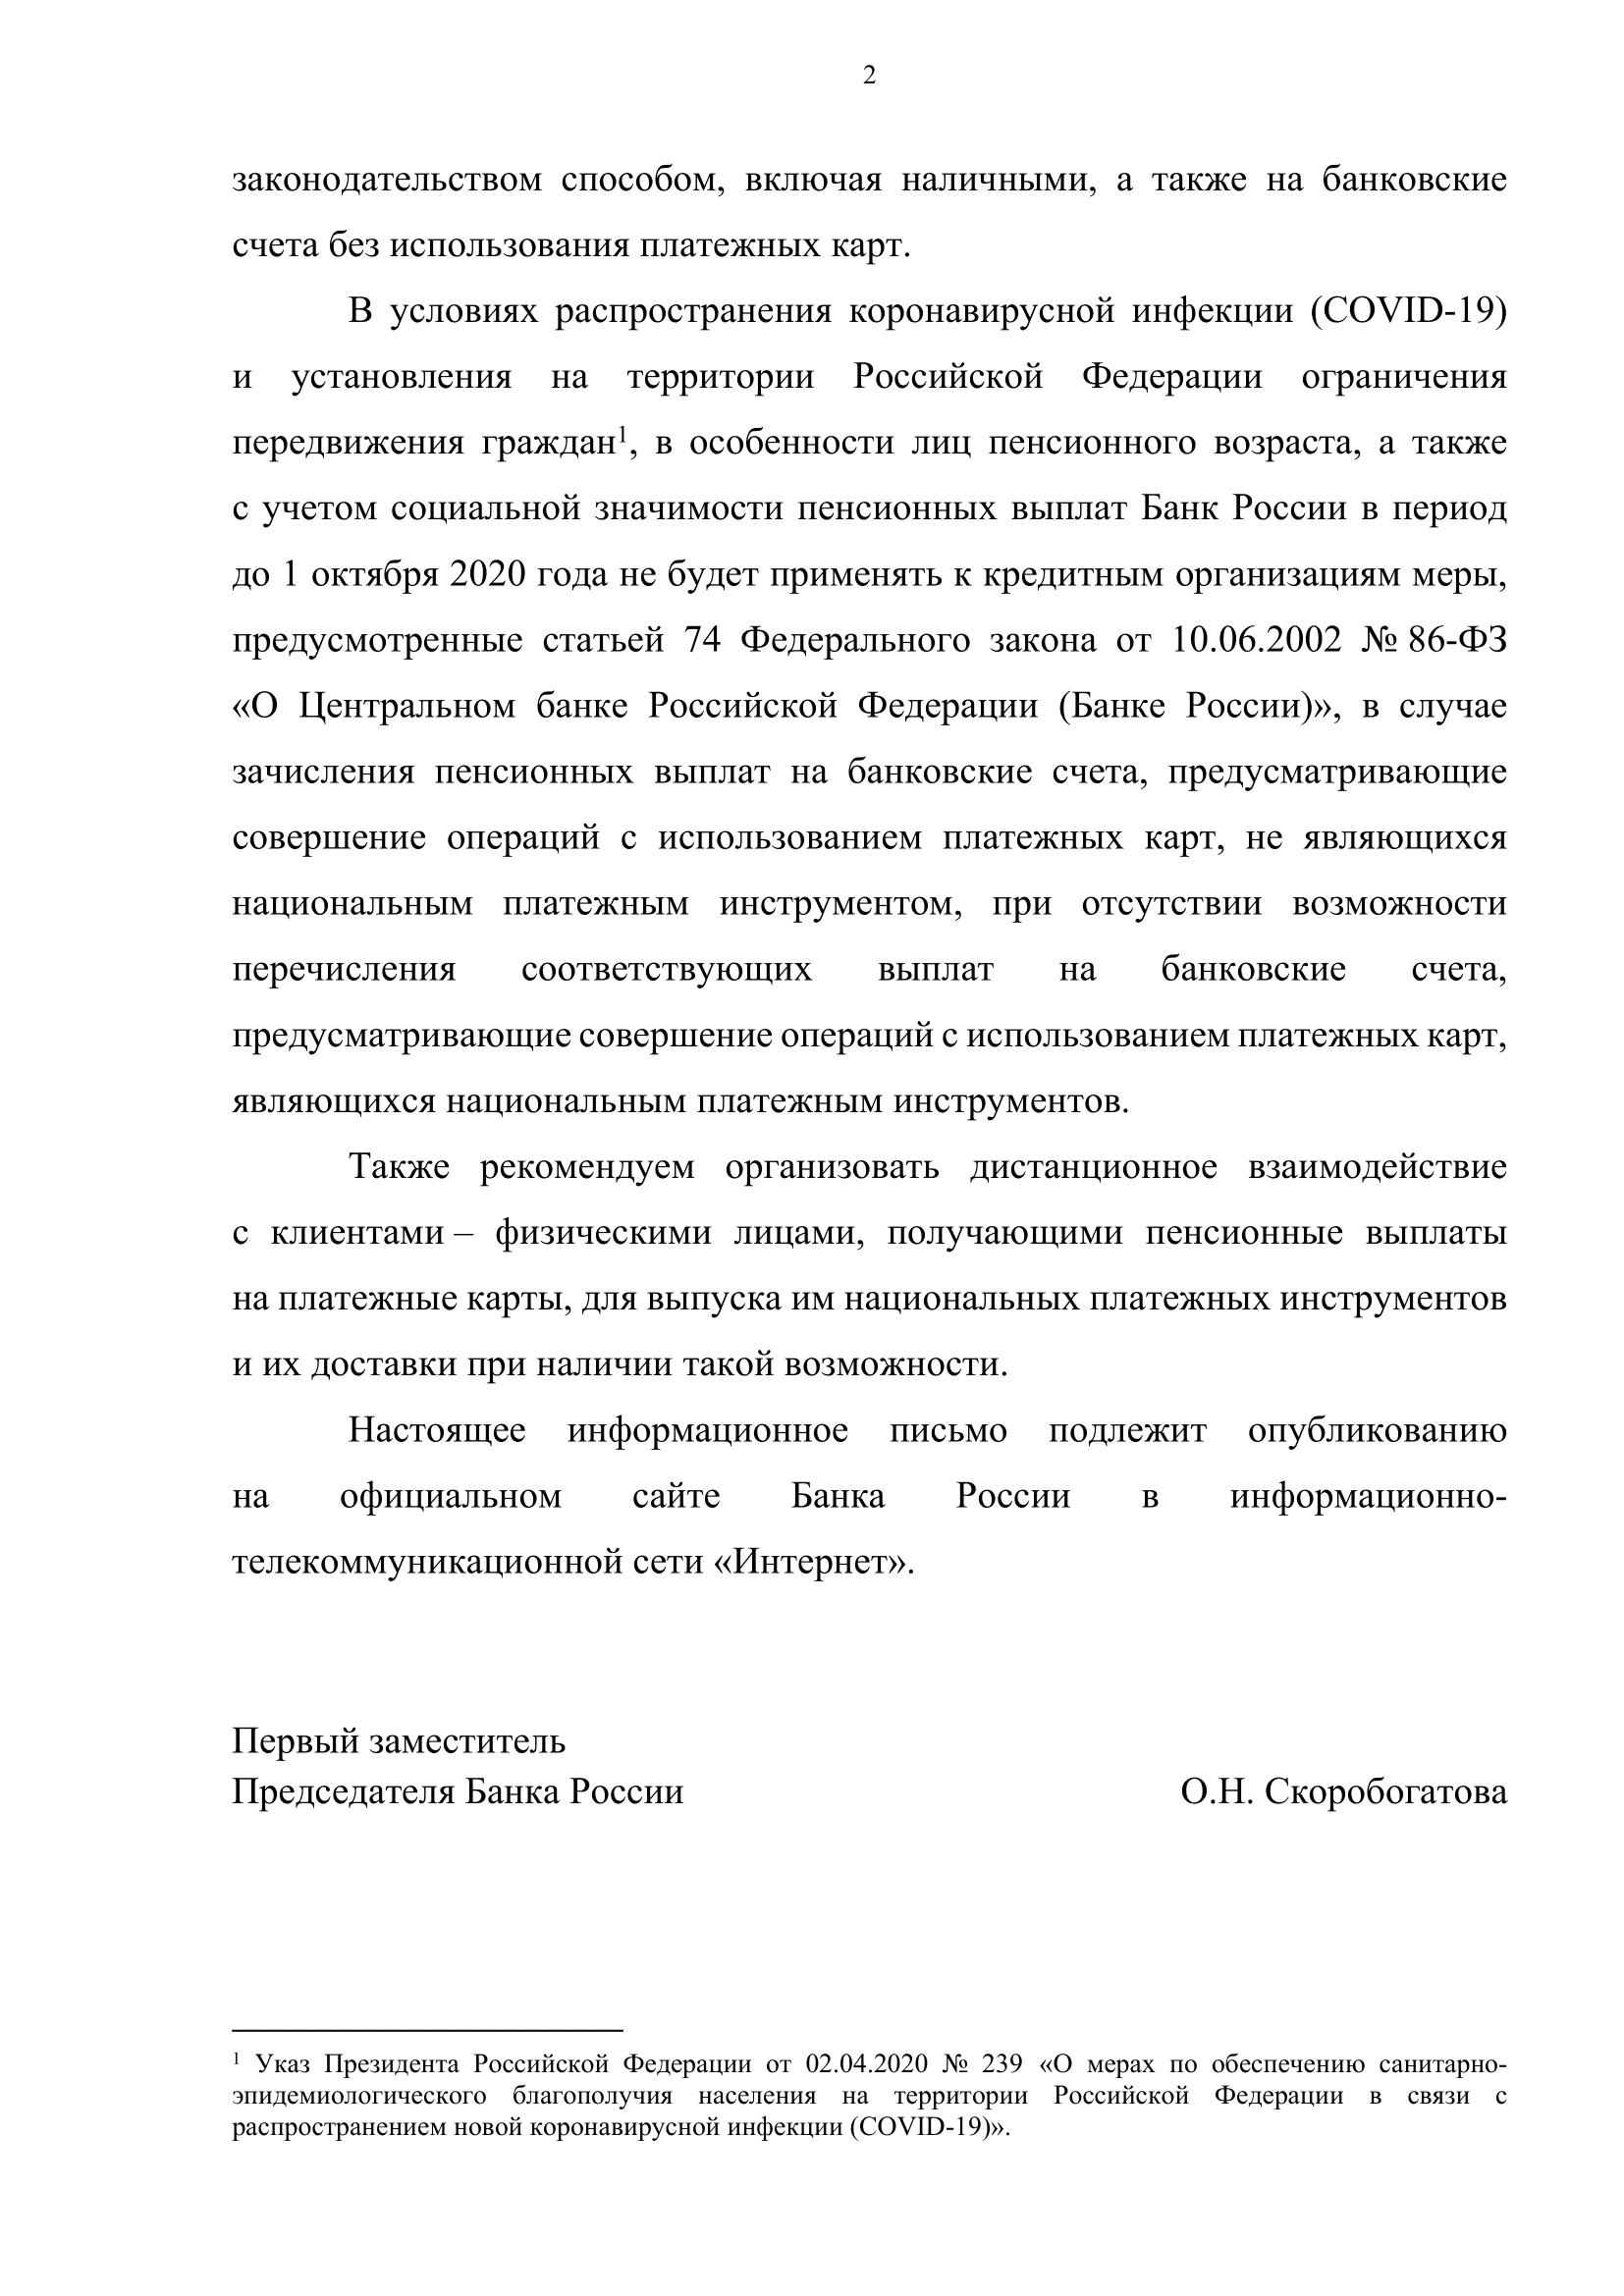 Информационное письмо о неприменении мер в связи с коронавирусной инфекцией – 2